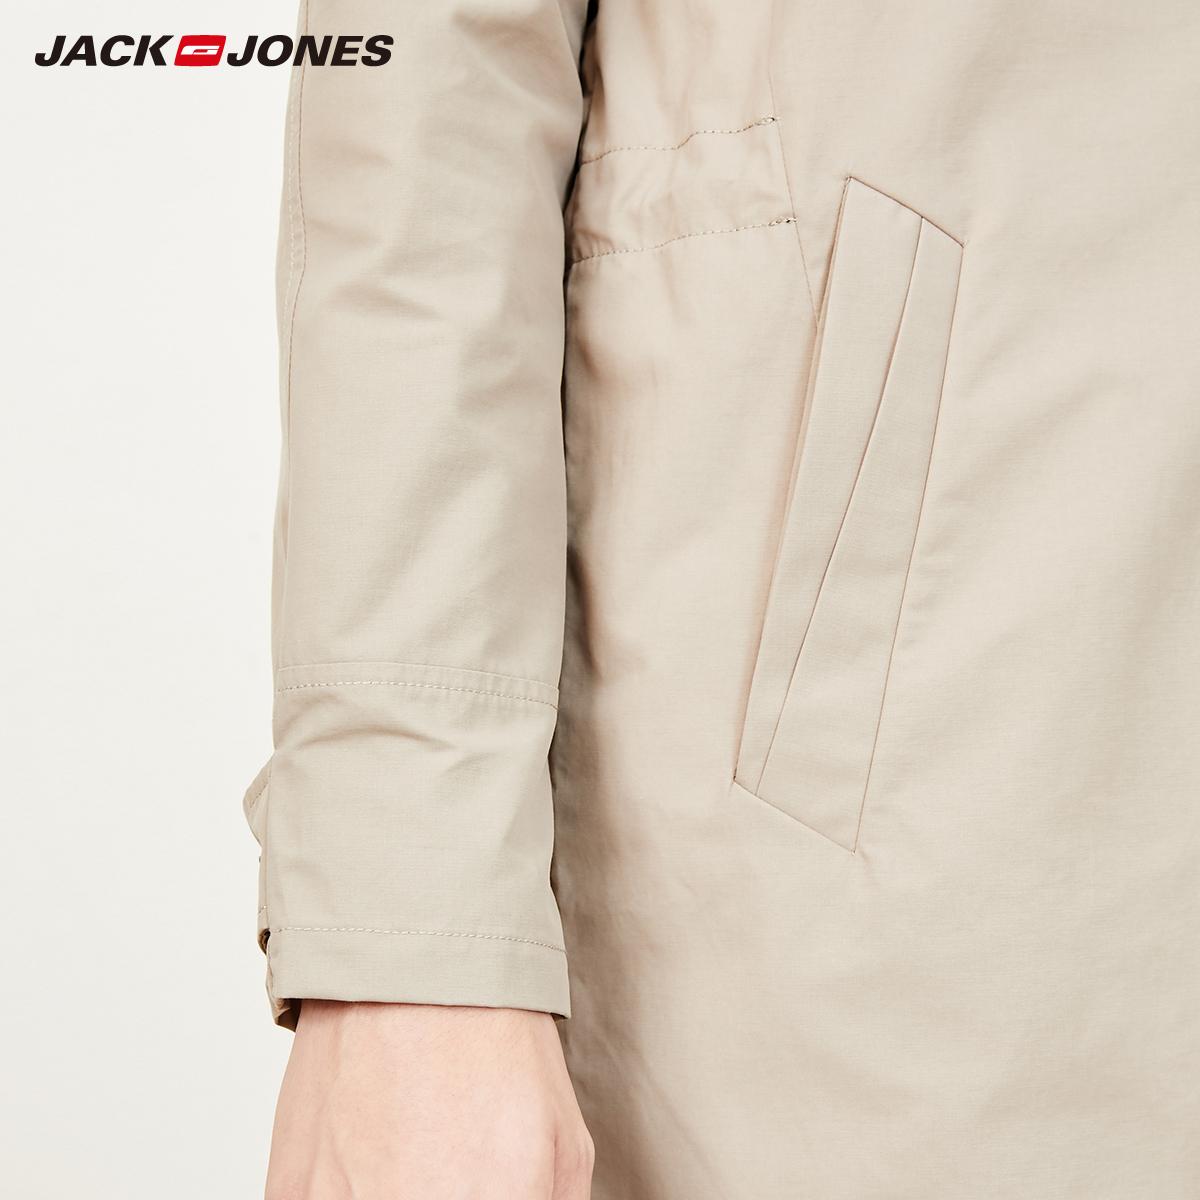 JackJones  219121528 杰克琼斯男商务翻领修身中长款风衣外套  聚